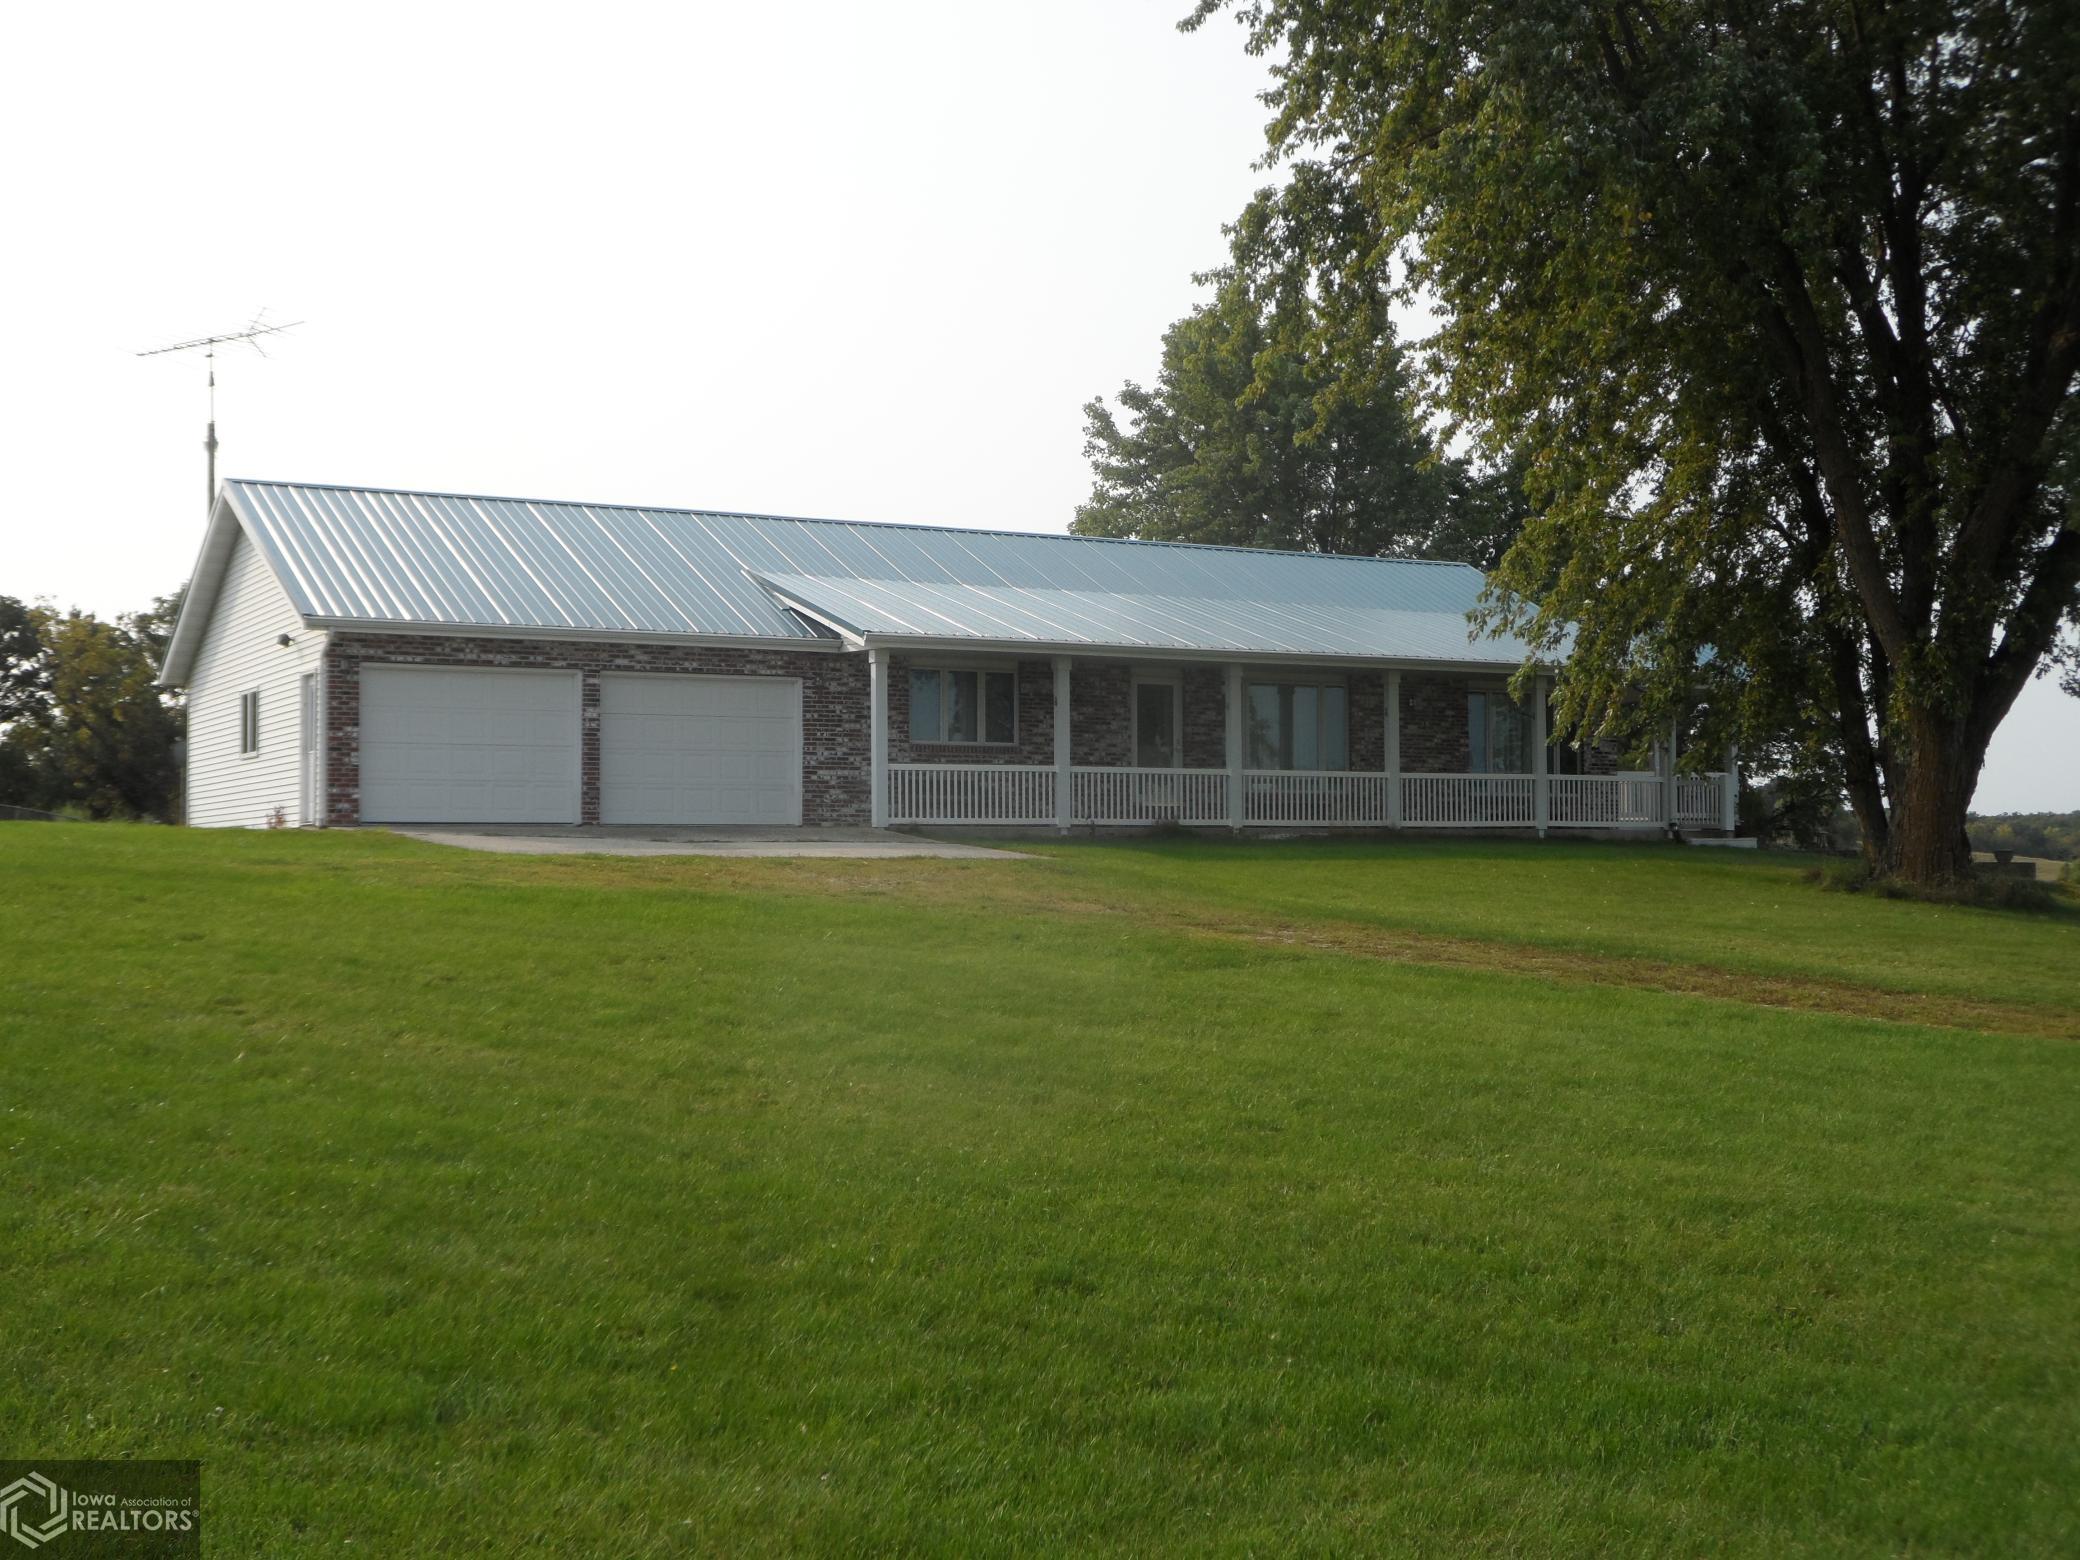 2962 State Highway 2, Bedford, Iowa 50833-2260, 4 Bedrooms Bedrooms, ,3 BathroomsBathrooms,Farm,For Sale,State Highway 2,5661416